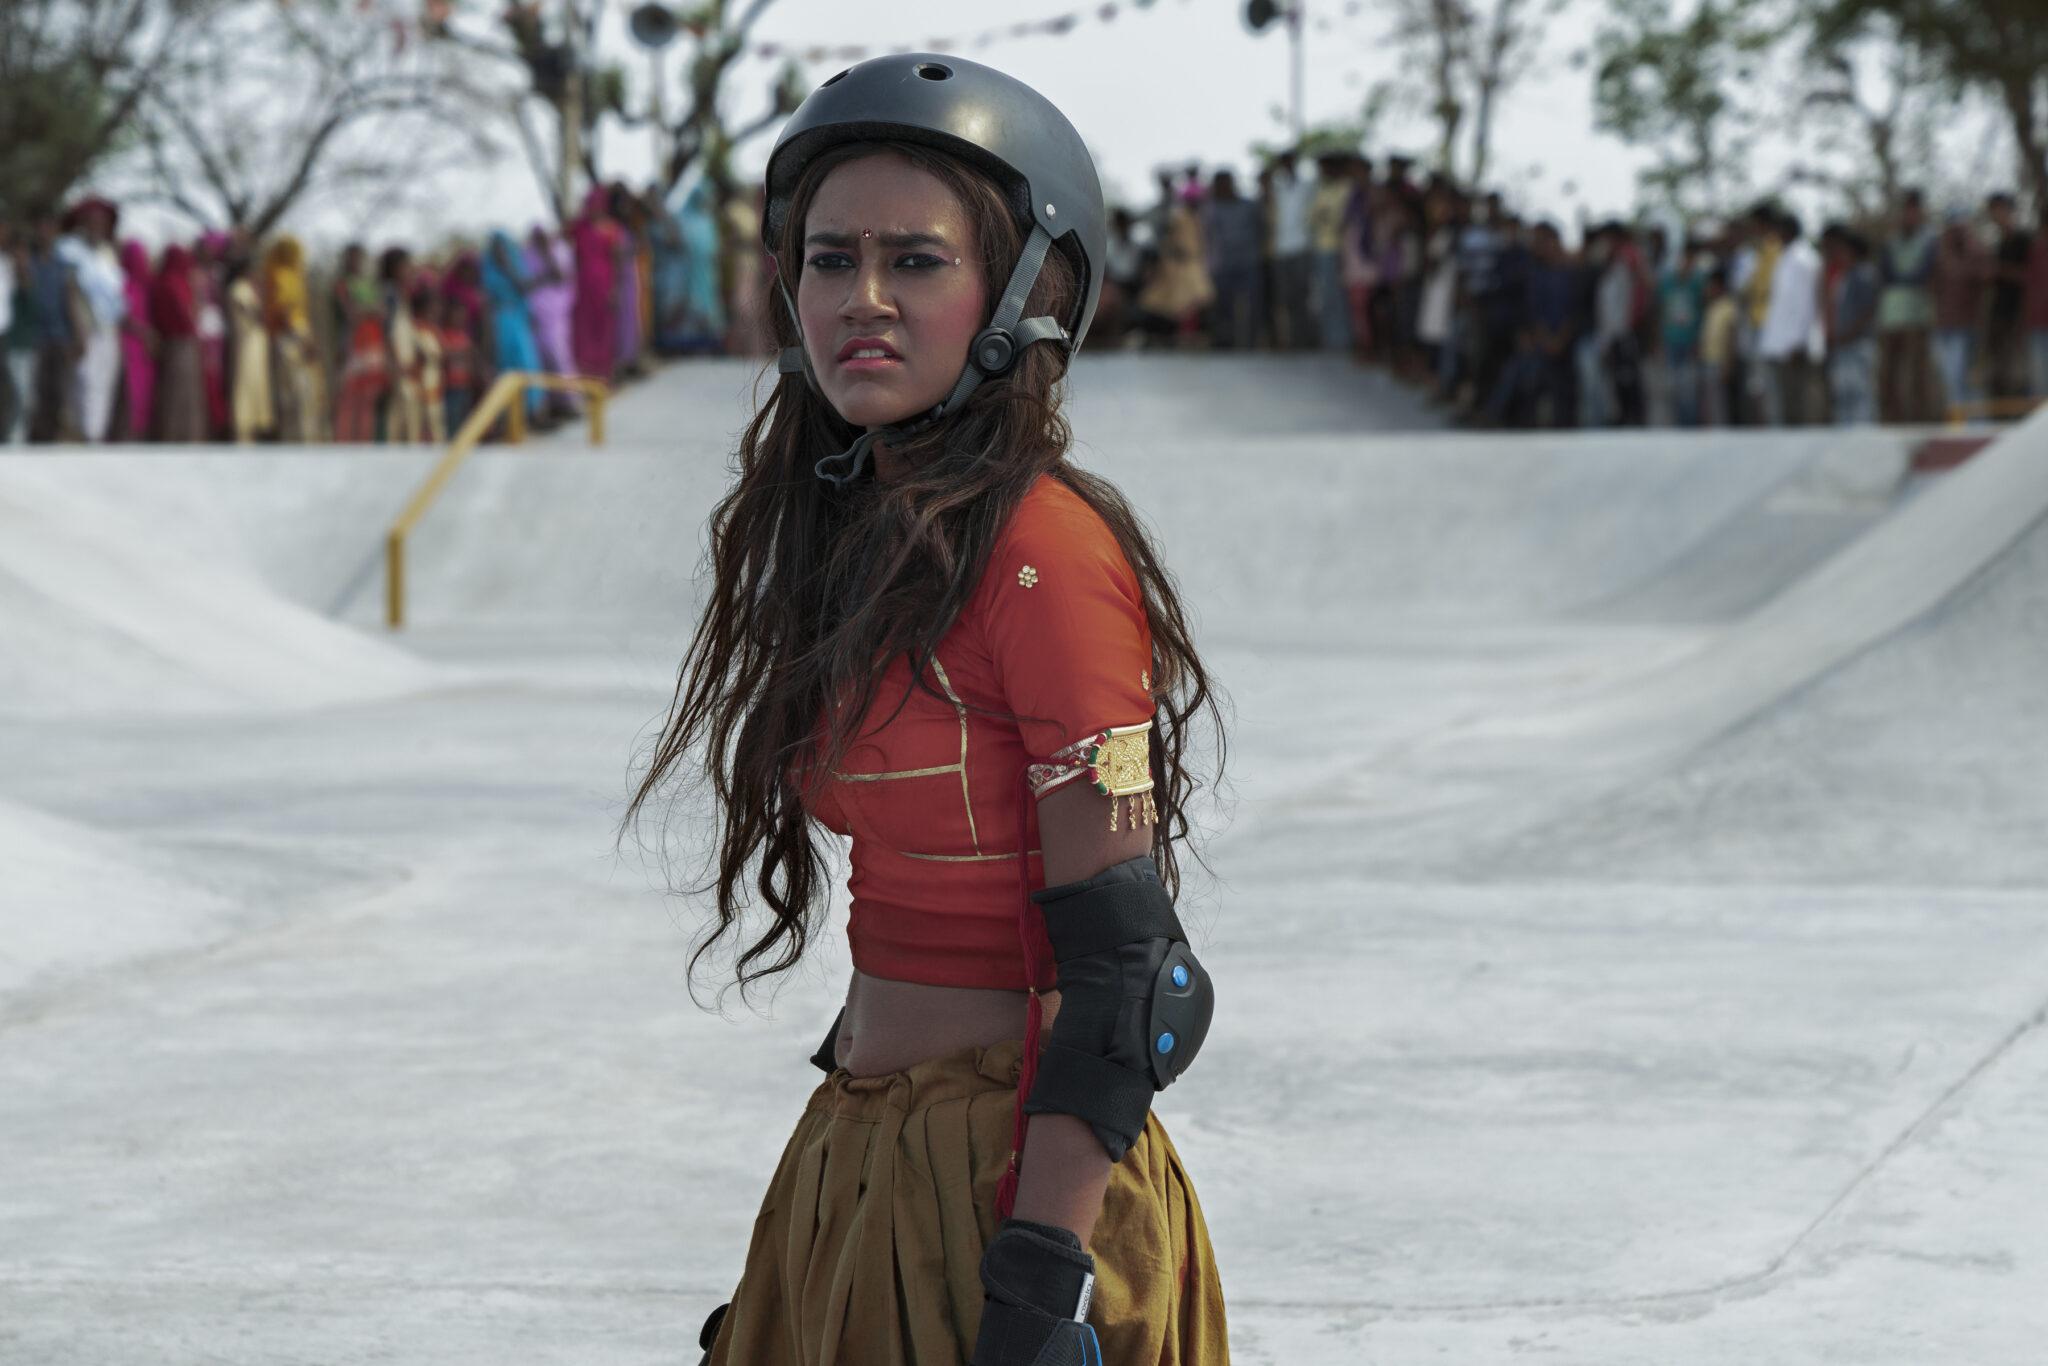 Prerna (Rachel Saanchita Gupta) steht in einem Skatepark mit rotem Oberteil und schwarzem Helm. Im Hintergrund sieht man verschwommen zahlreiche Zuschauer.